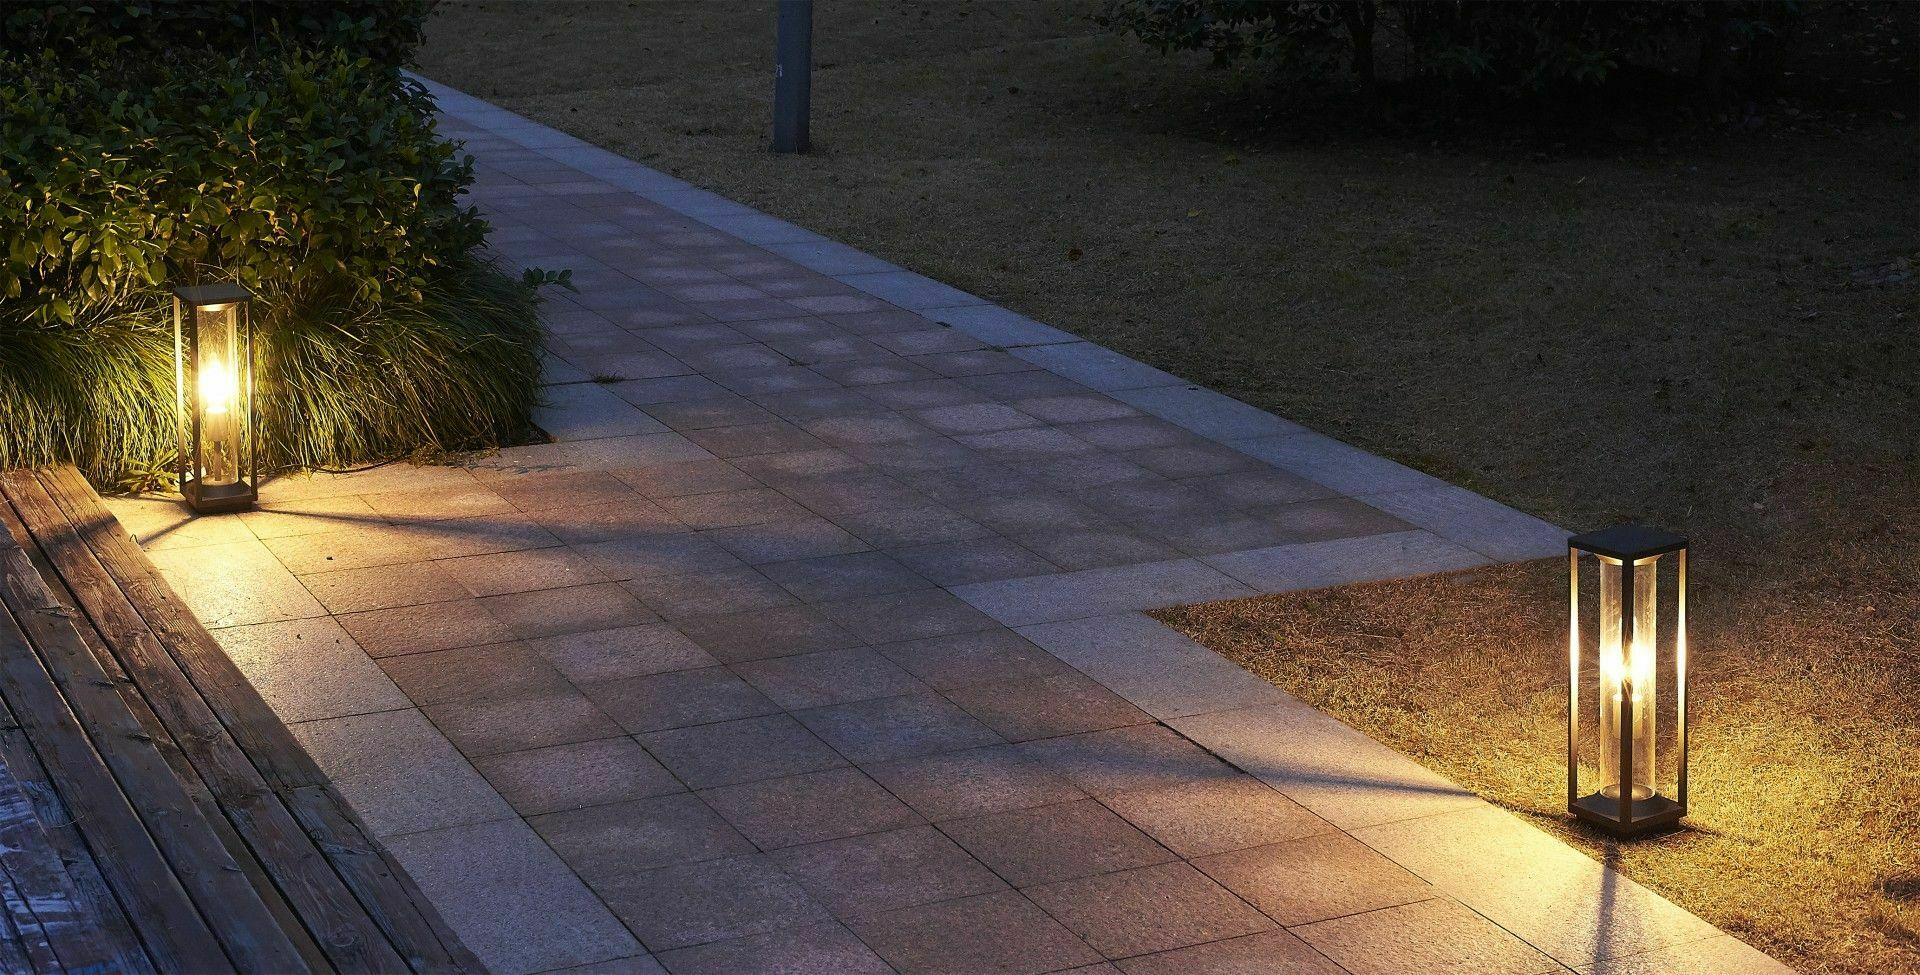 Porto garden floor lamp 50cm + LED filament bulb